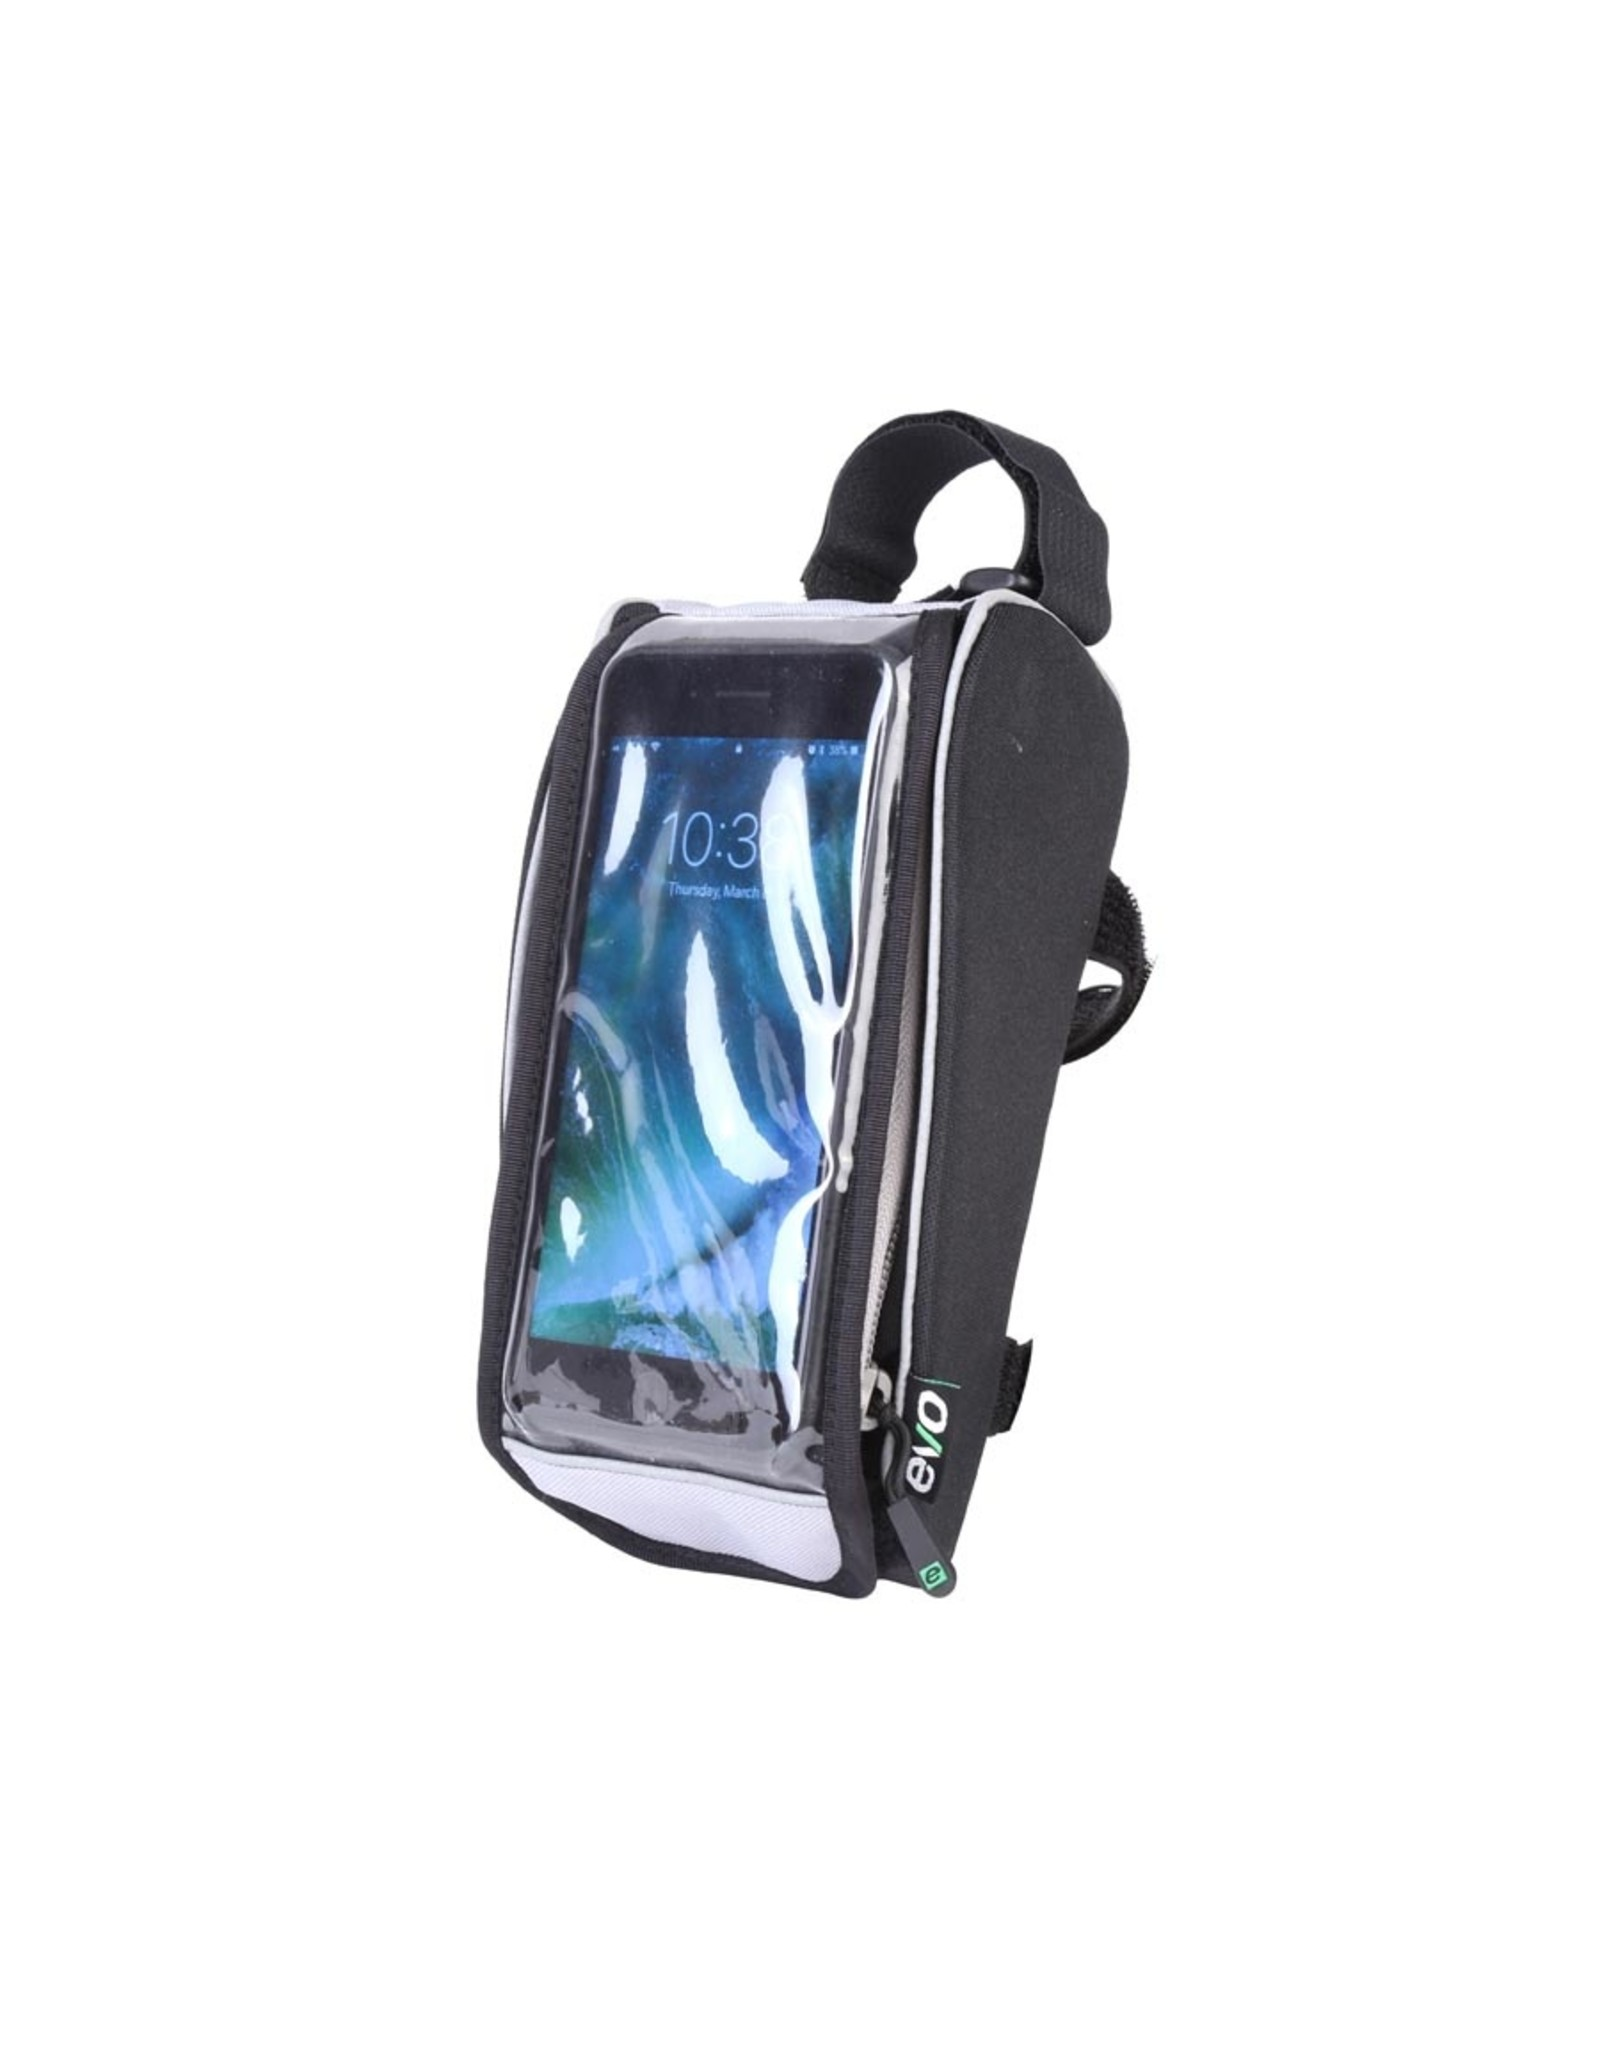 EVO Evo, Clutch, Phone Bag